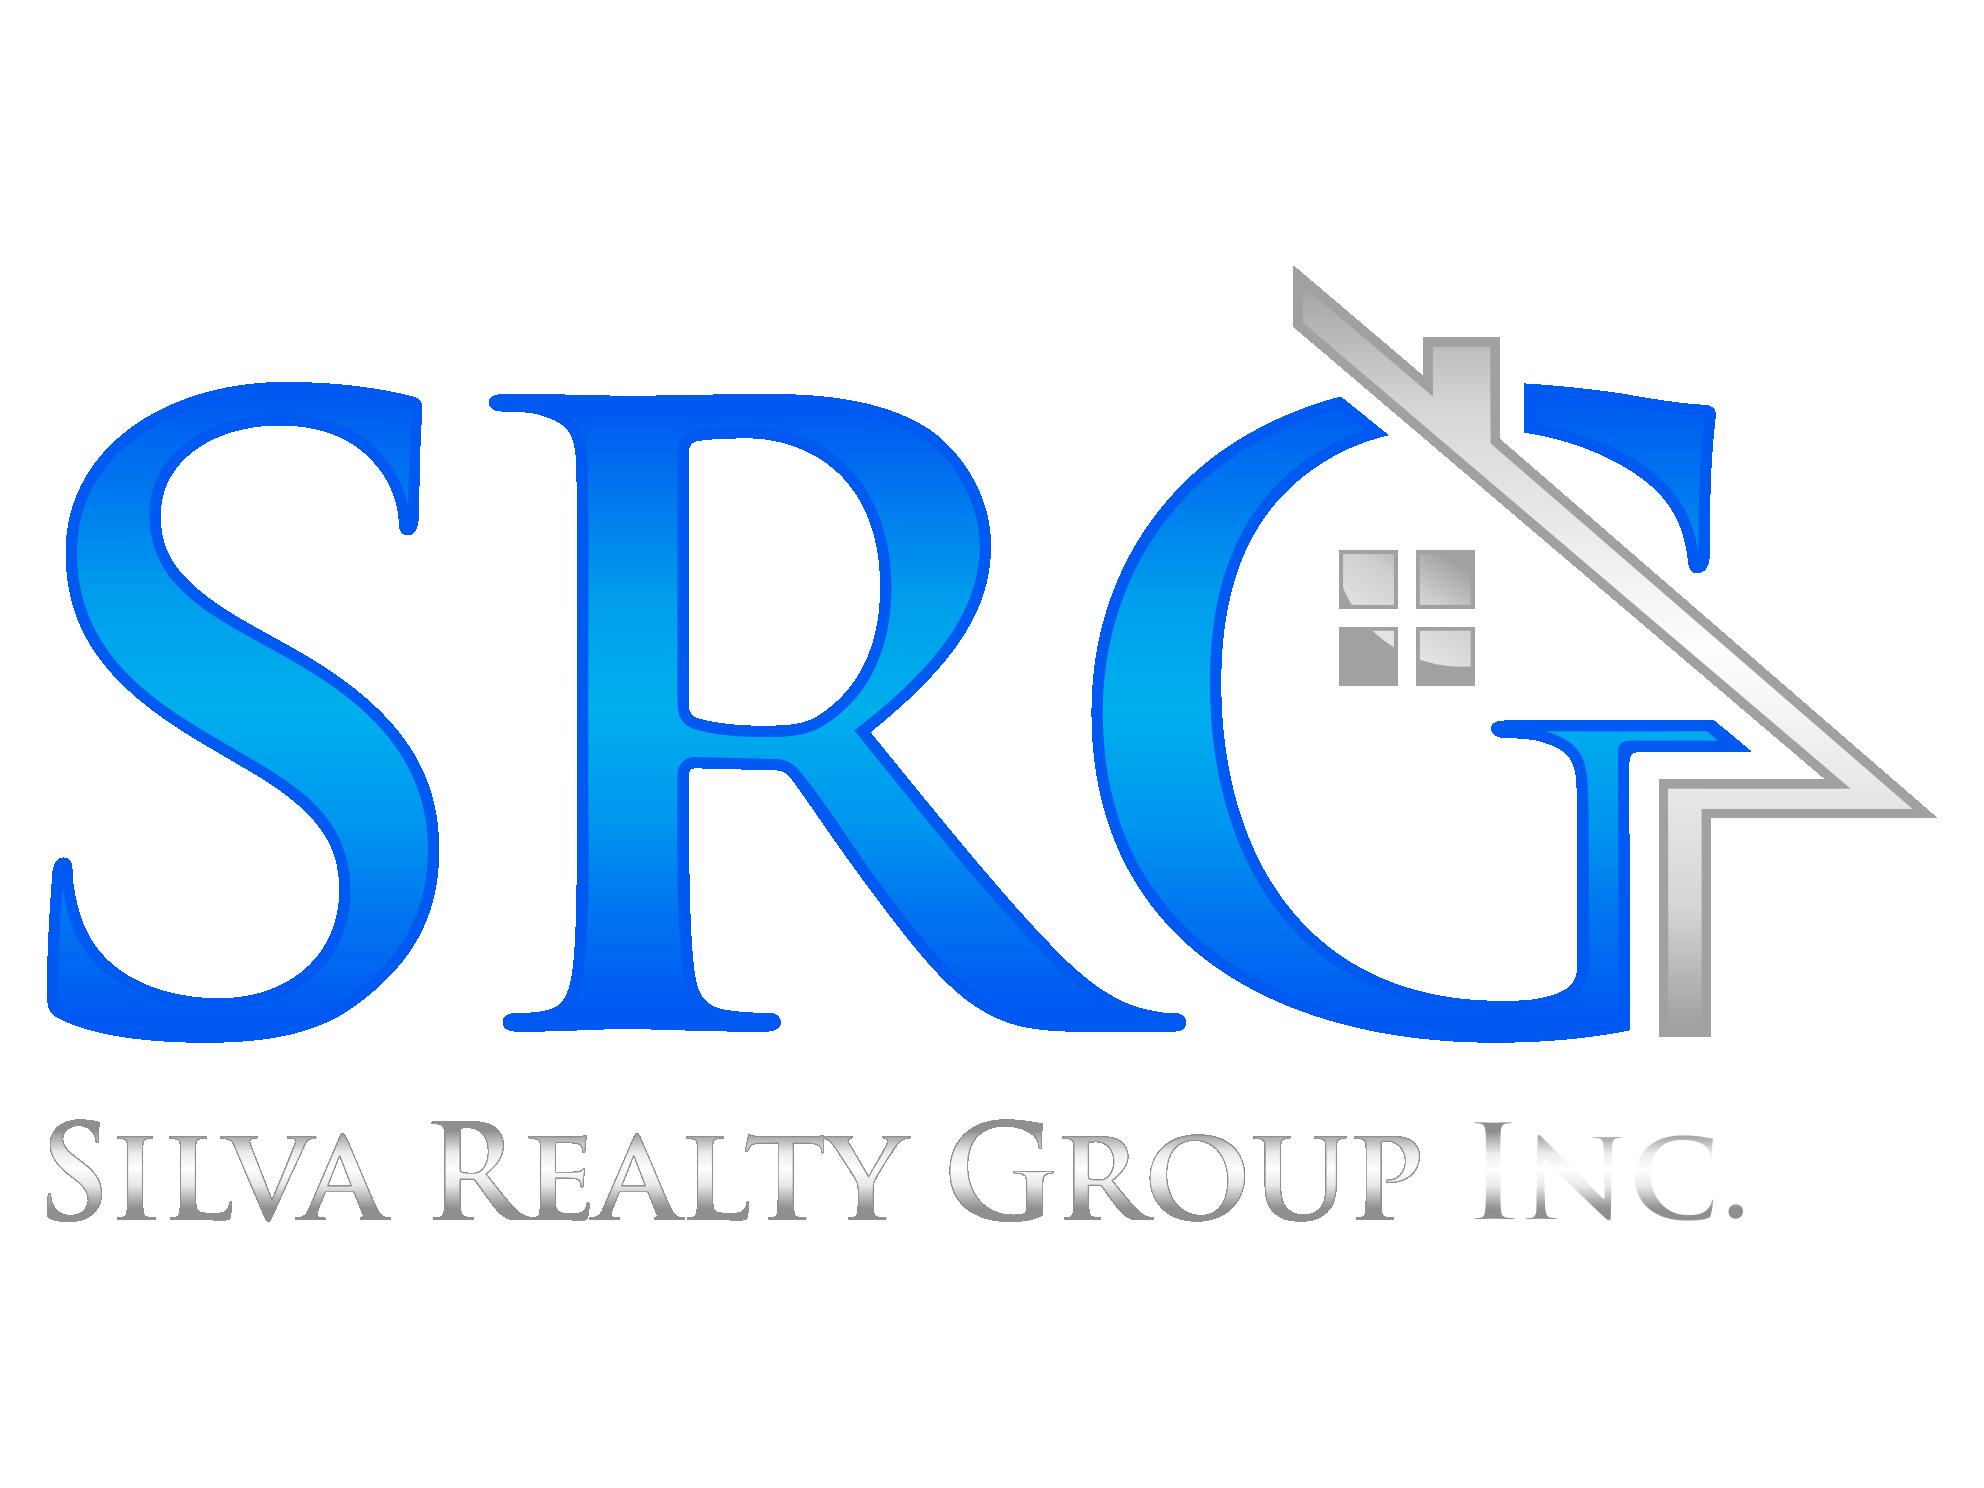 Silva Realty Group Inc.